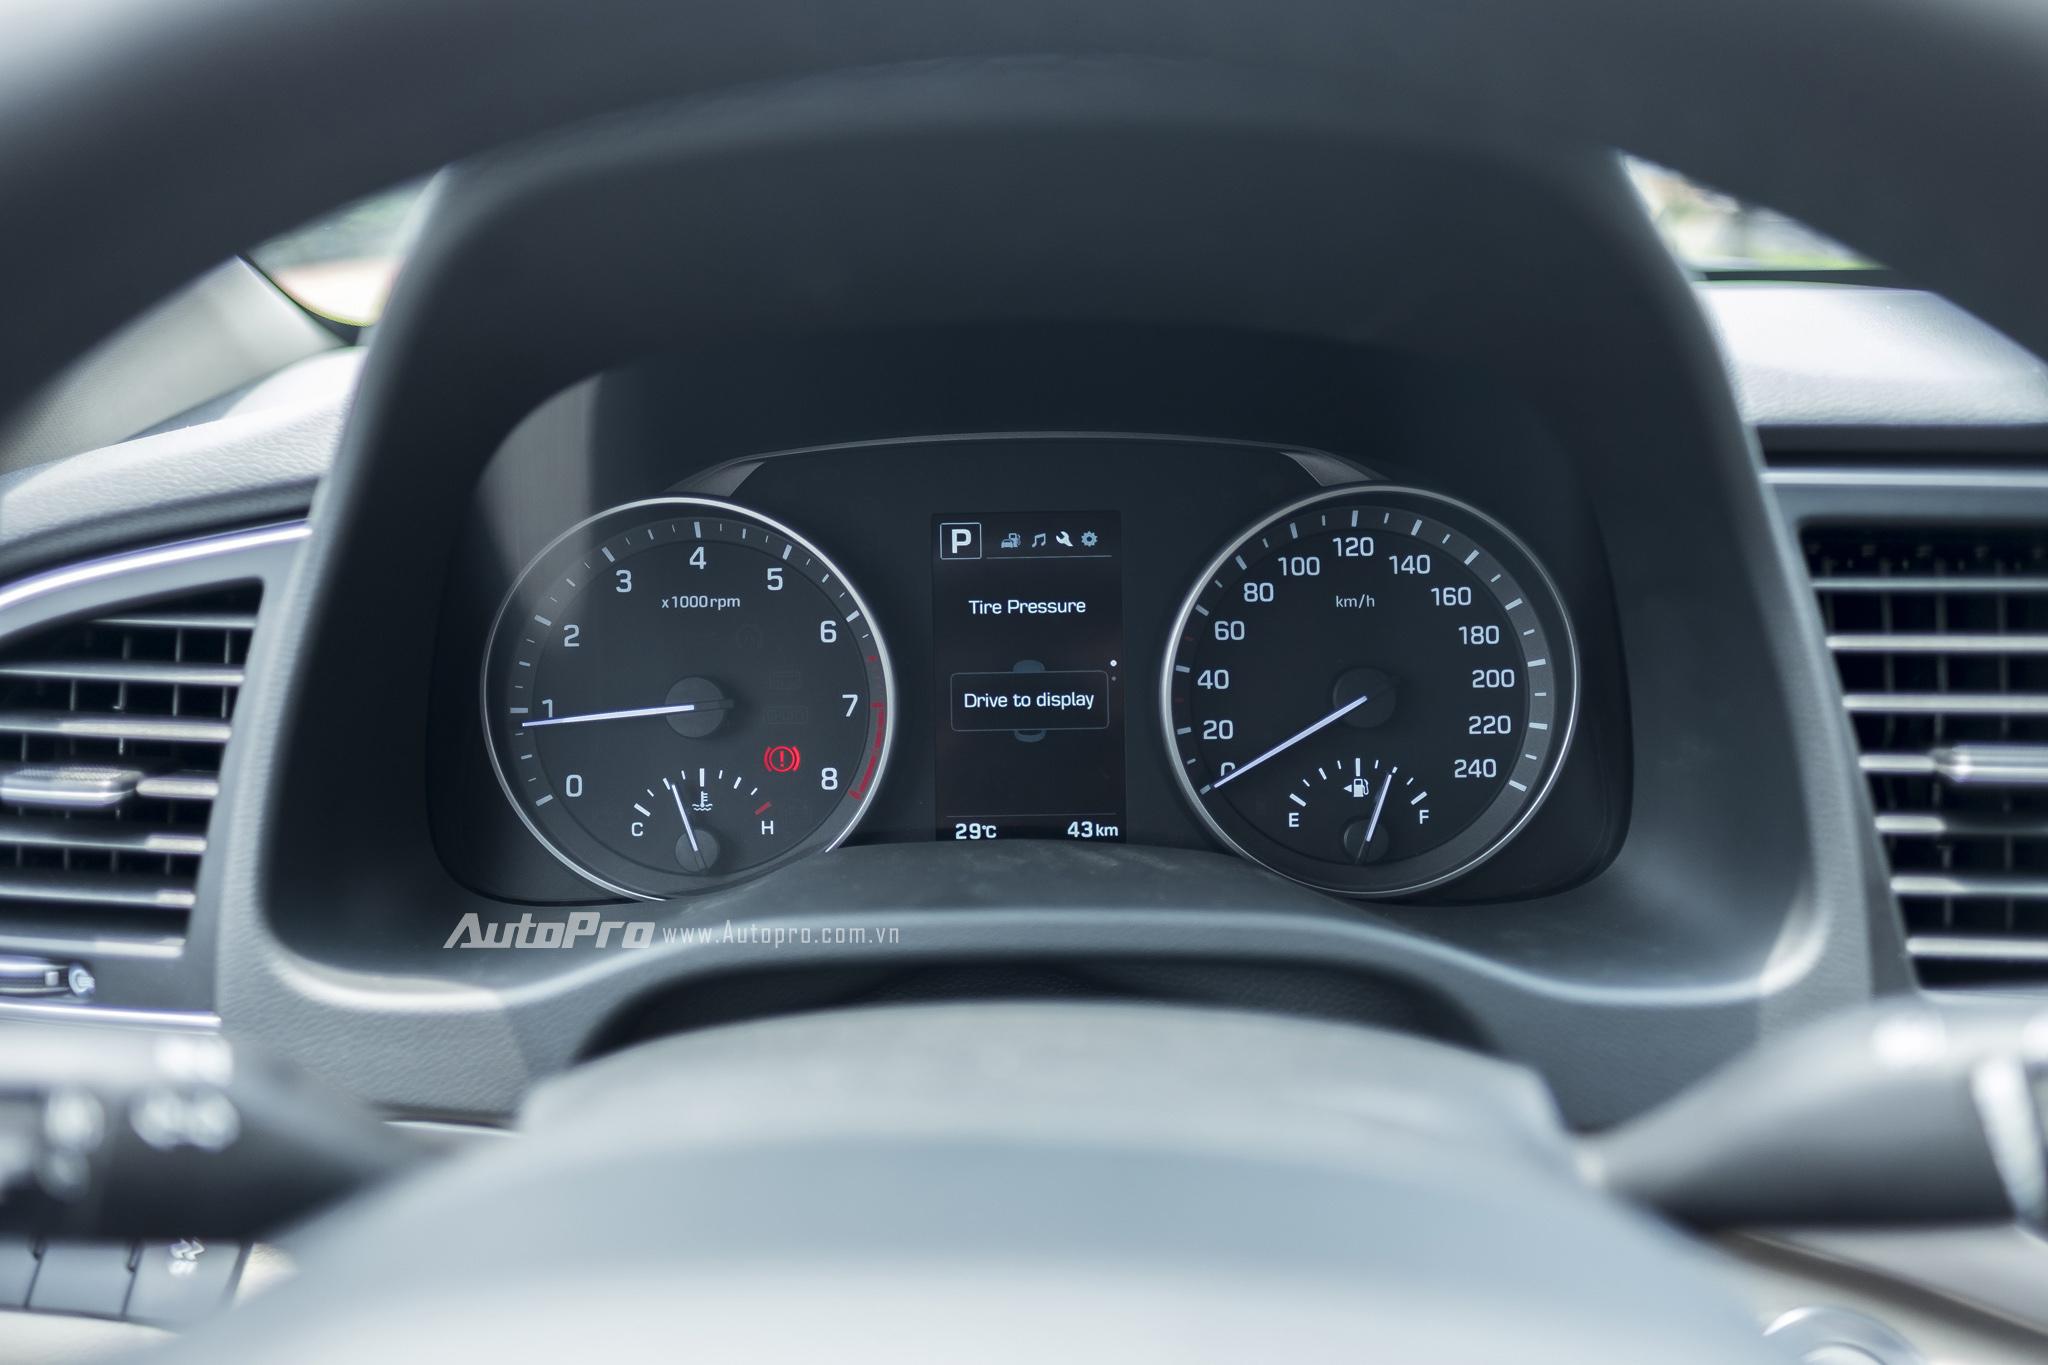 Sau vô-lăng là màn hình trung tâm với 2 đồng hồ cơ cùng một màn hình điện tử hiển thị đa thông tin.